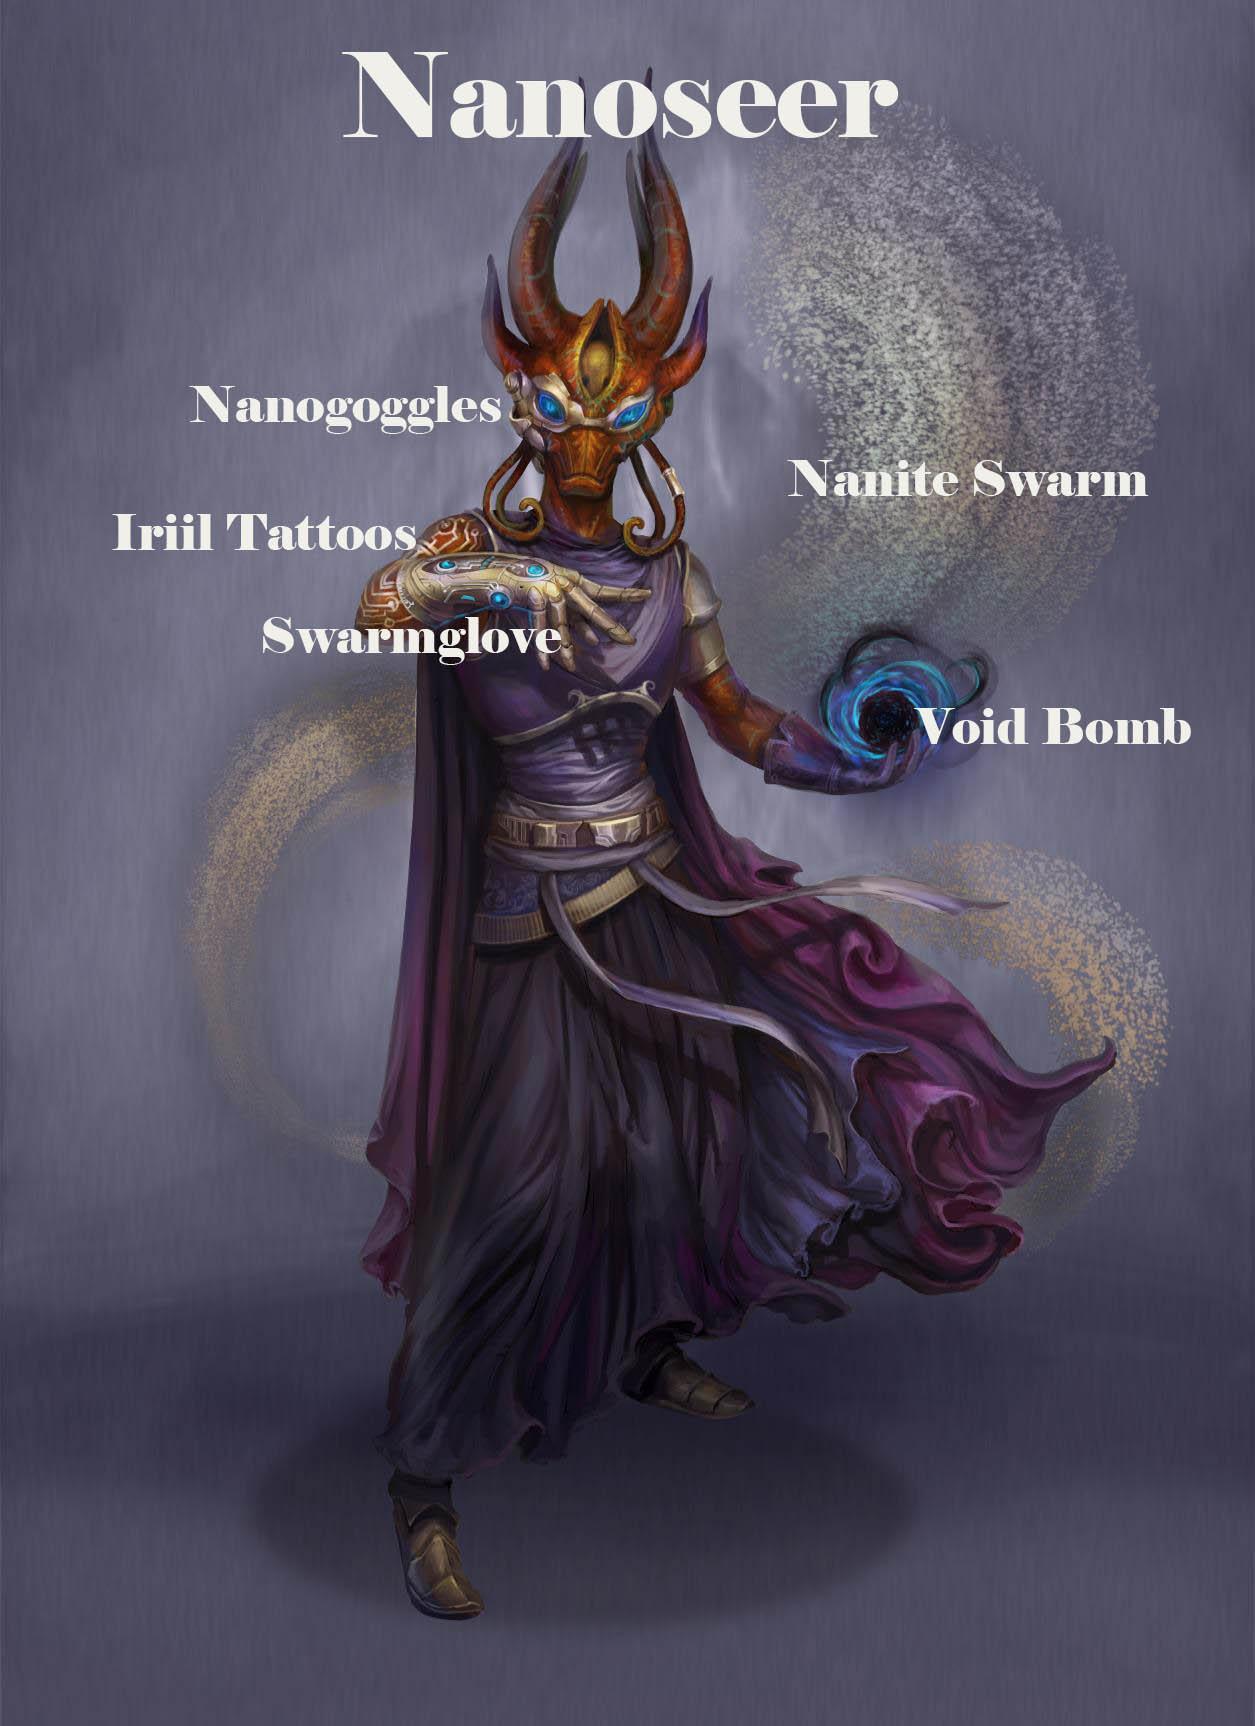 Shen nanoseer